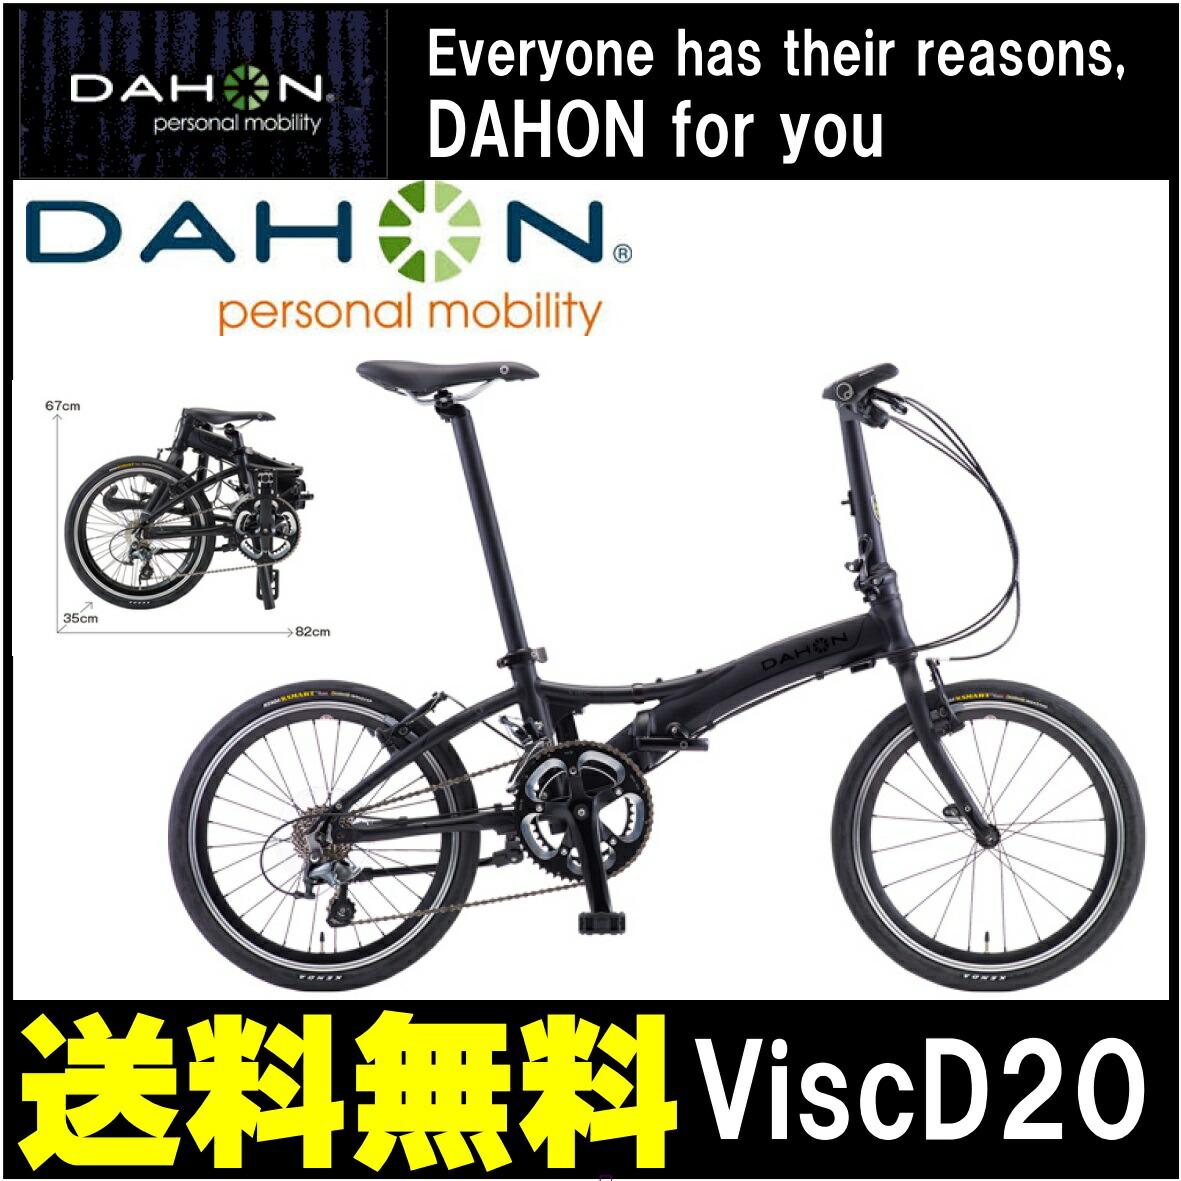 折りたたみ自転車 DAHON Visc D20 ダホン 自転車 マットブラック 黒 20インチ 折りたたみ自転車 外装20段変速ギア Matt Black ダホン 折りたたみ自転車 DAHON ヴィスク D20